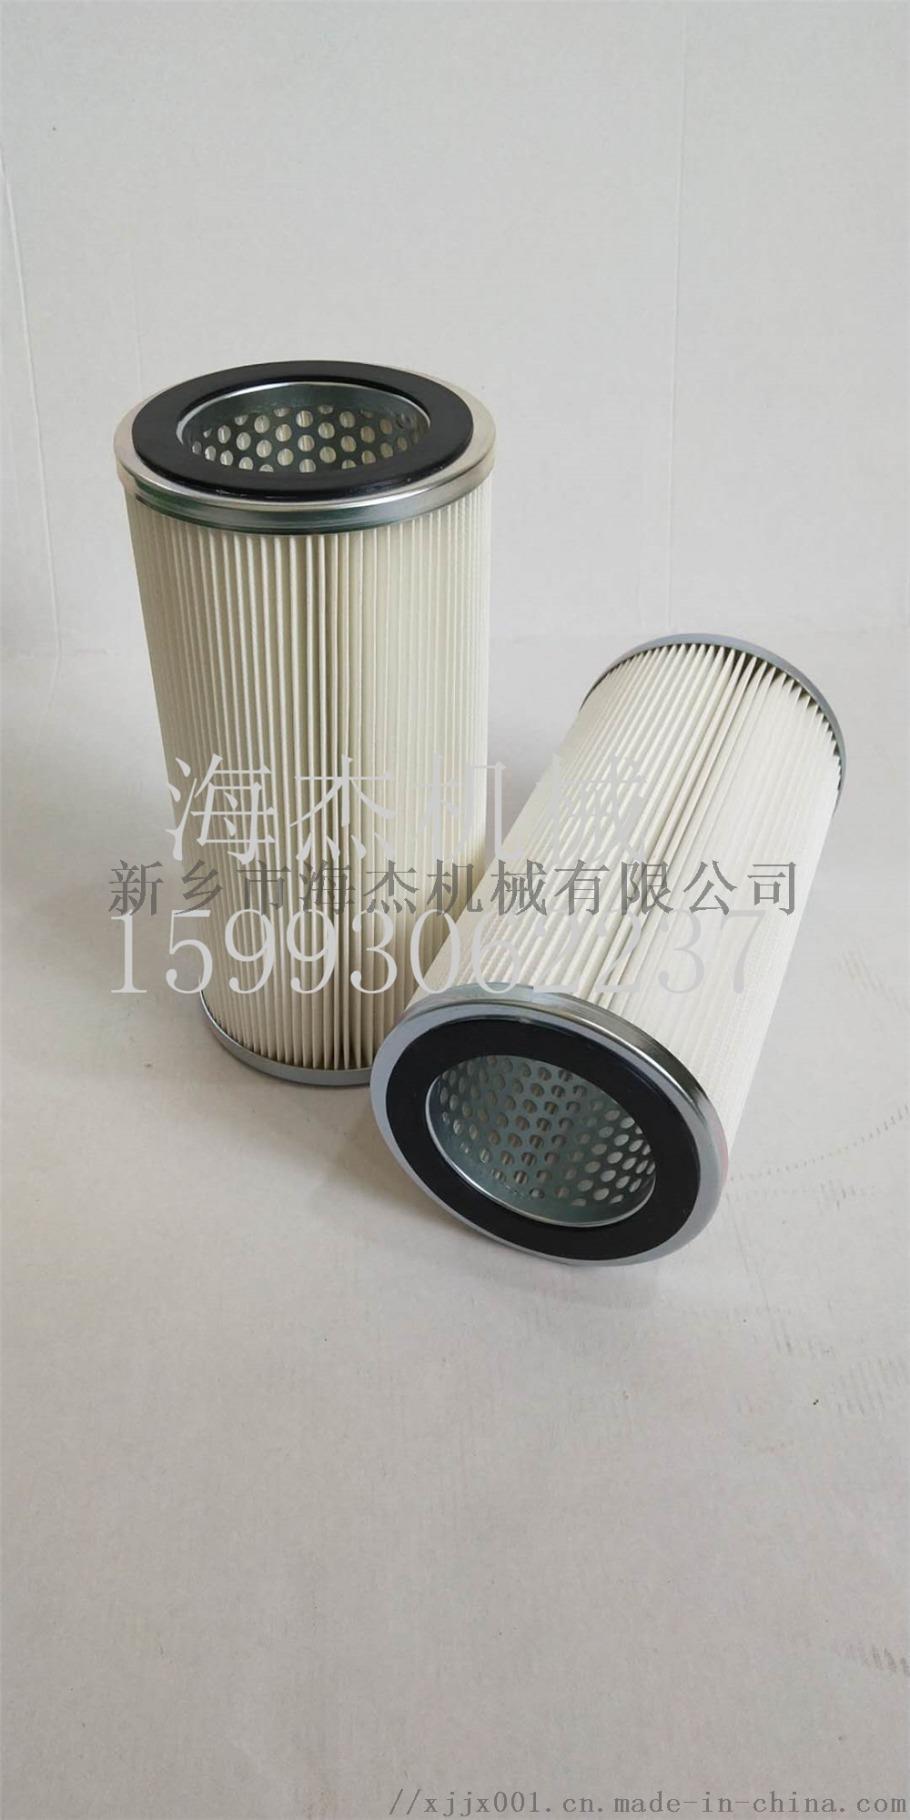 電廠濾芯  油泵出口濾芯DP602EA03V/-W62713762